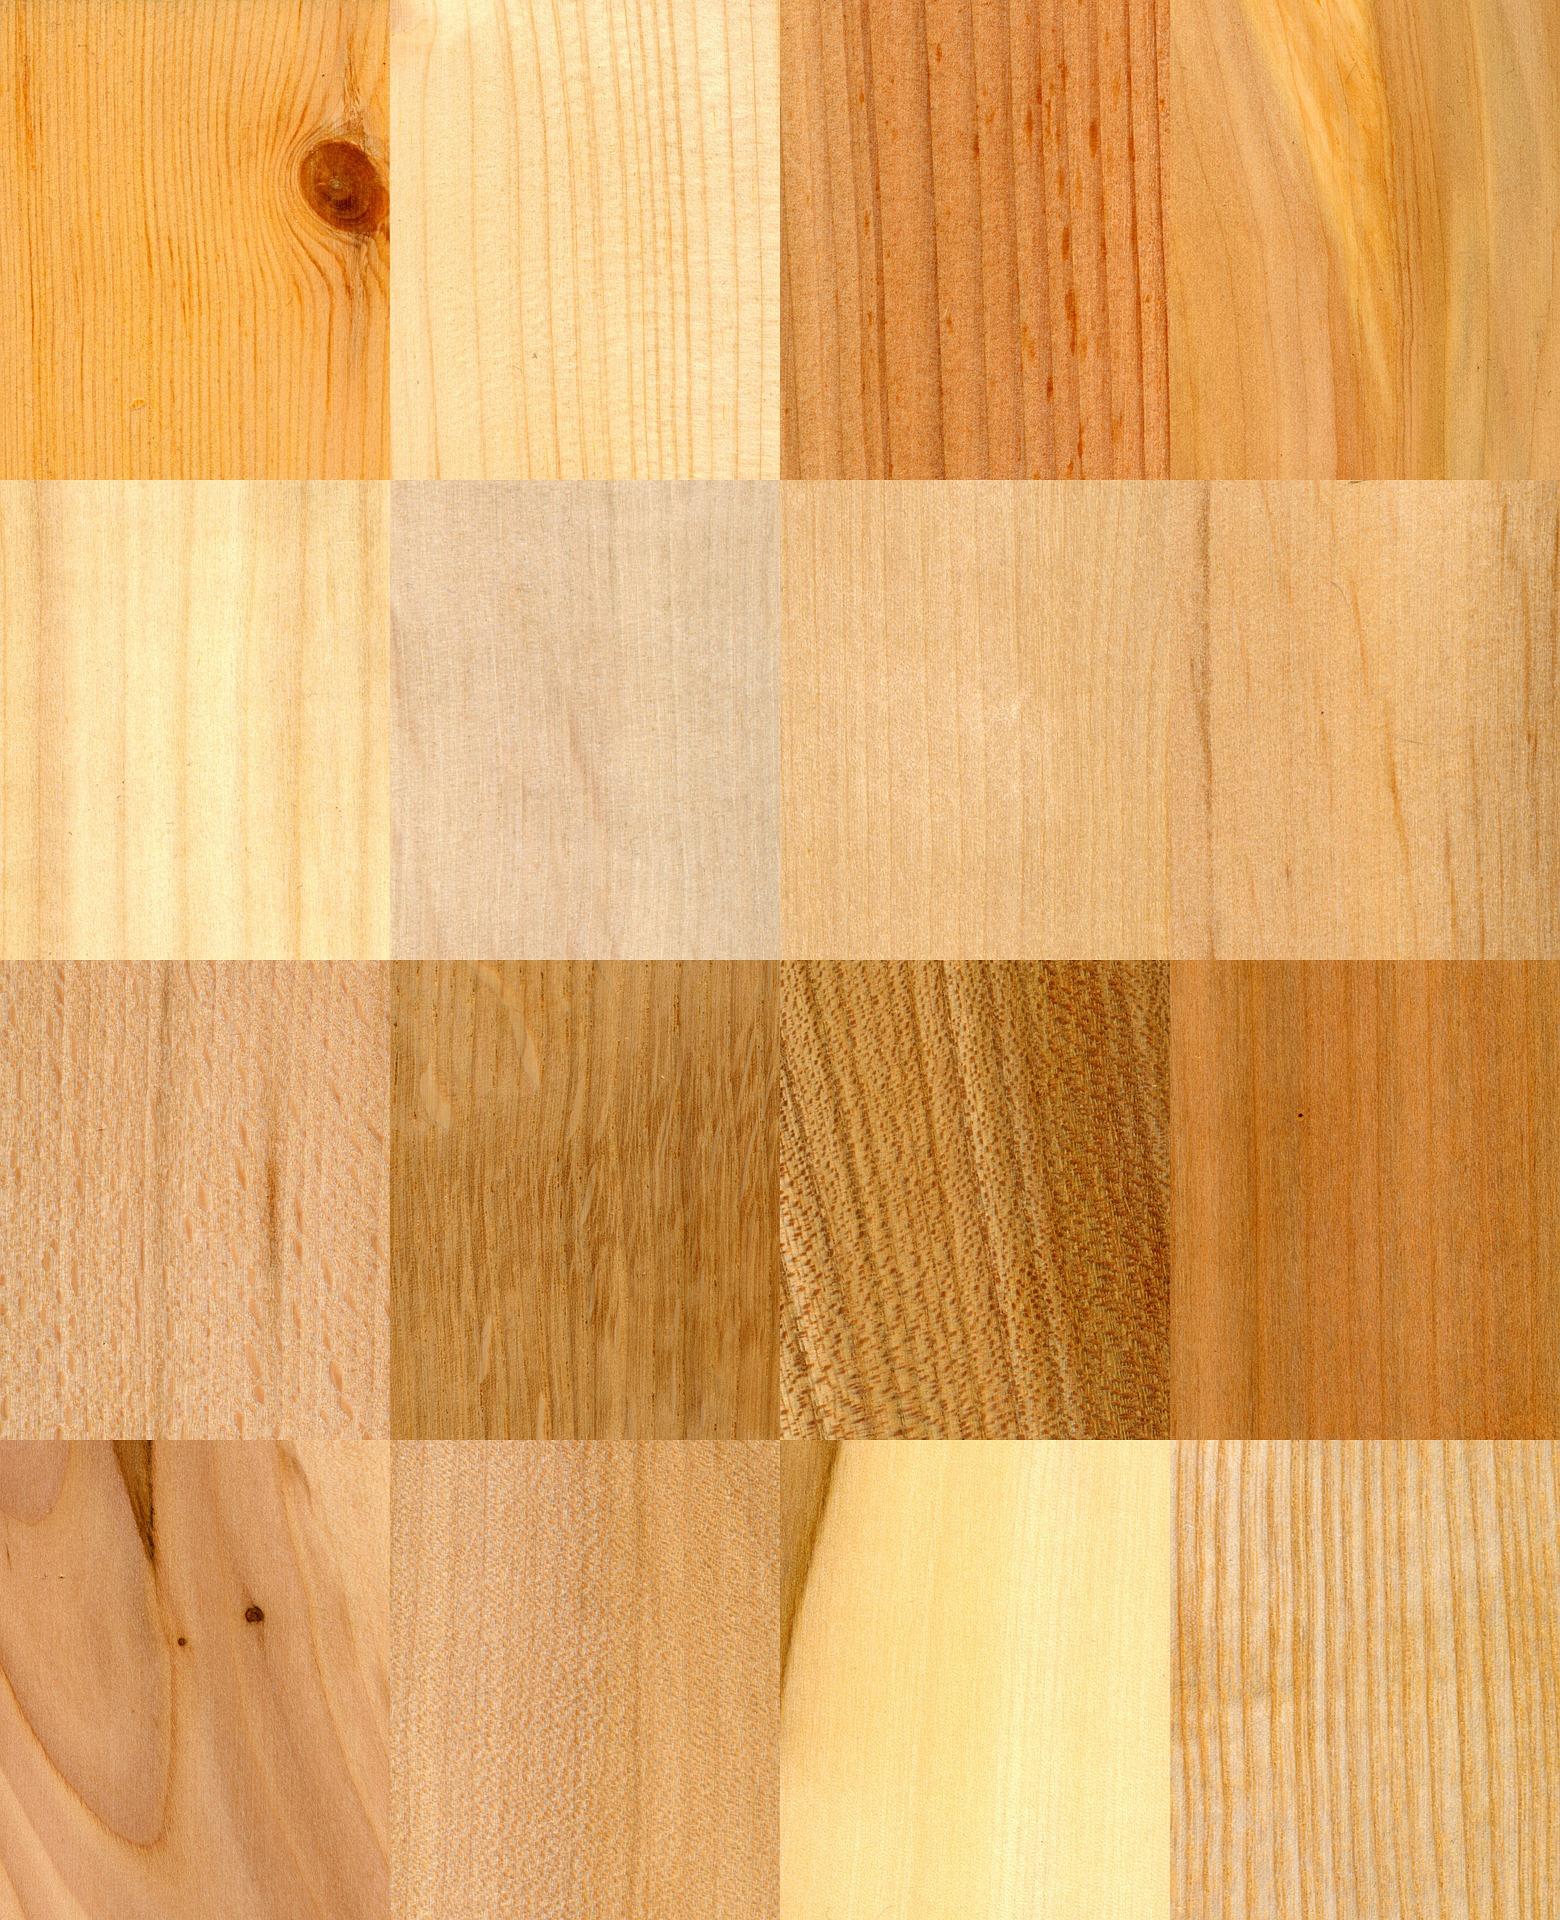 wood-835905_1920.jpg